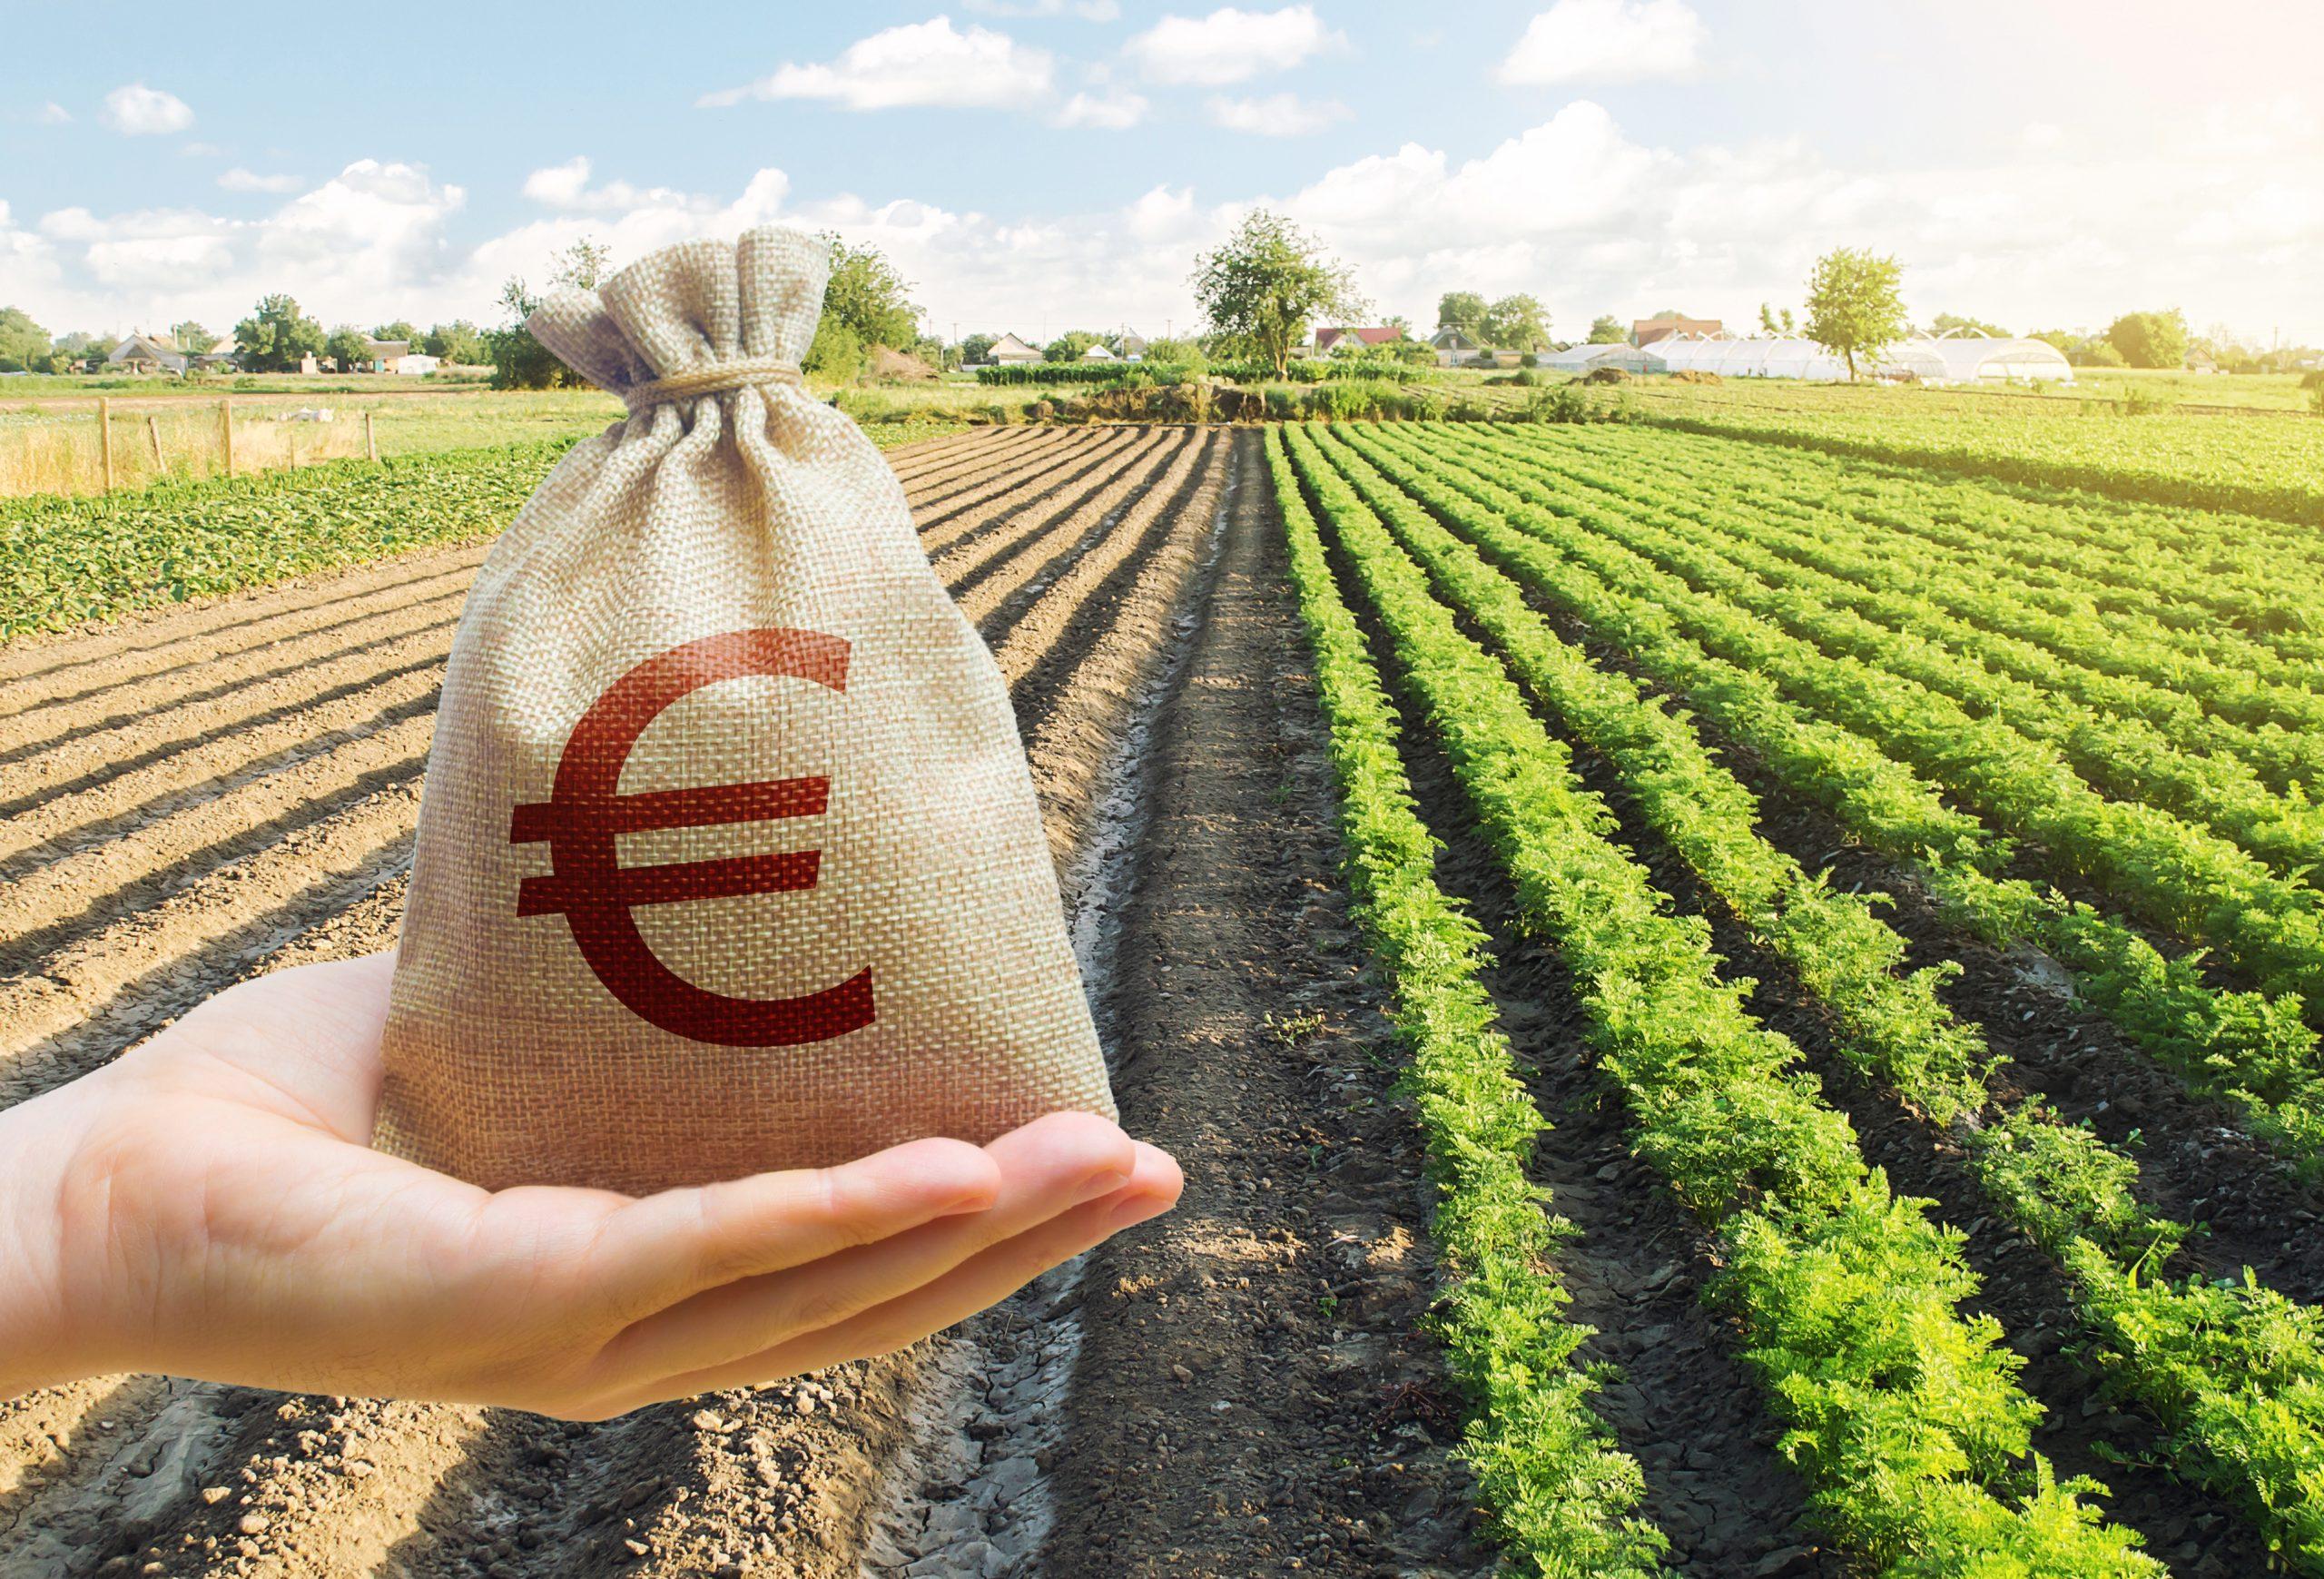 Nuovo tasso di interesse legale con effetti sul settore agricolo